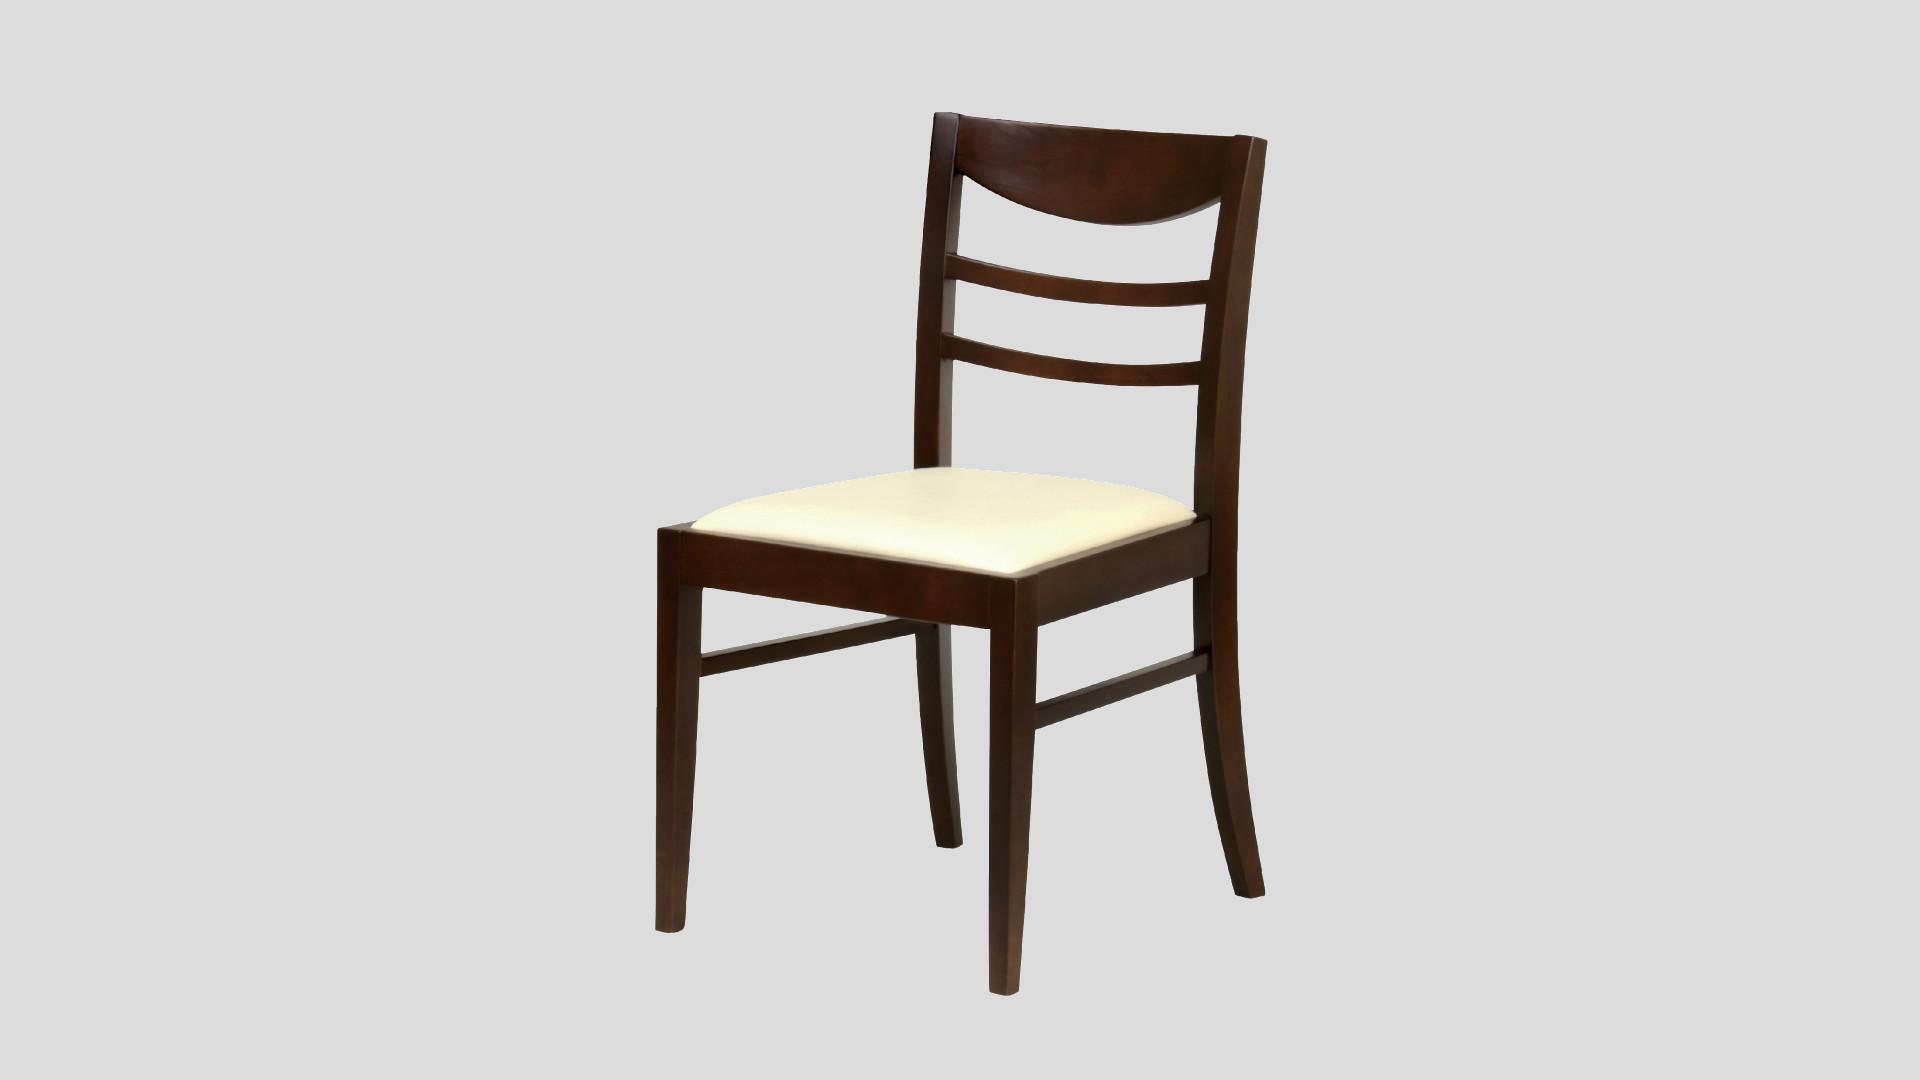 木製イス⑦ イメージ